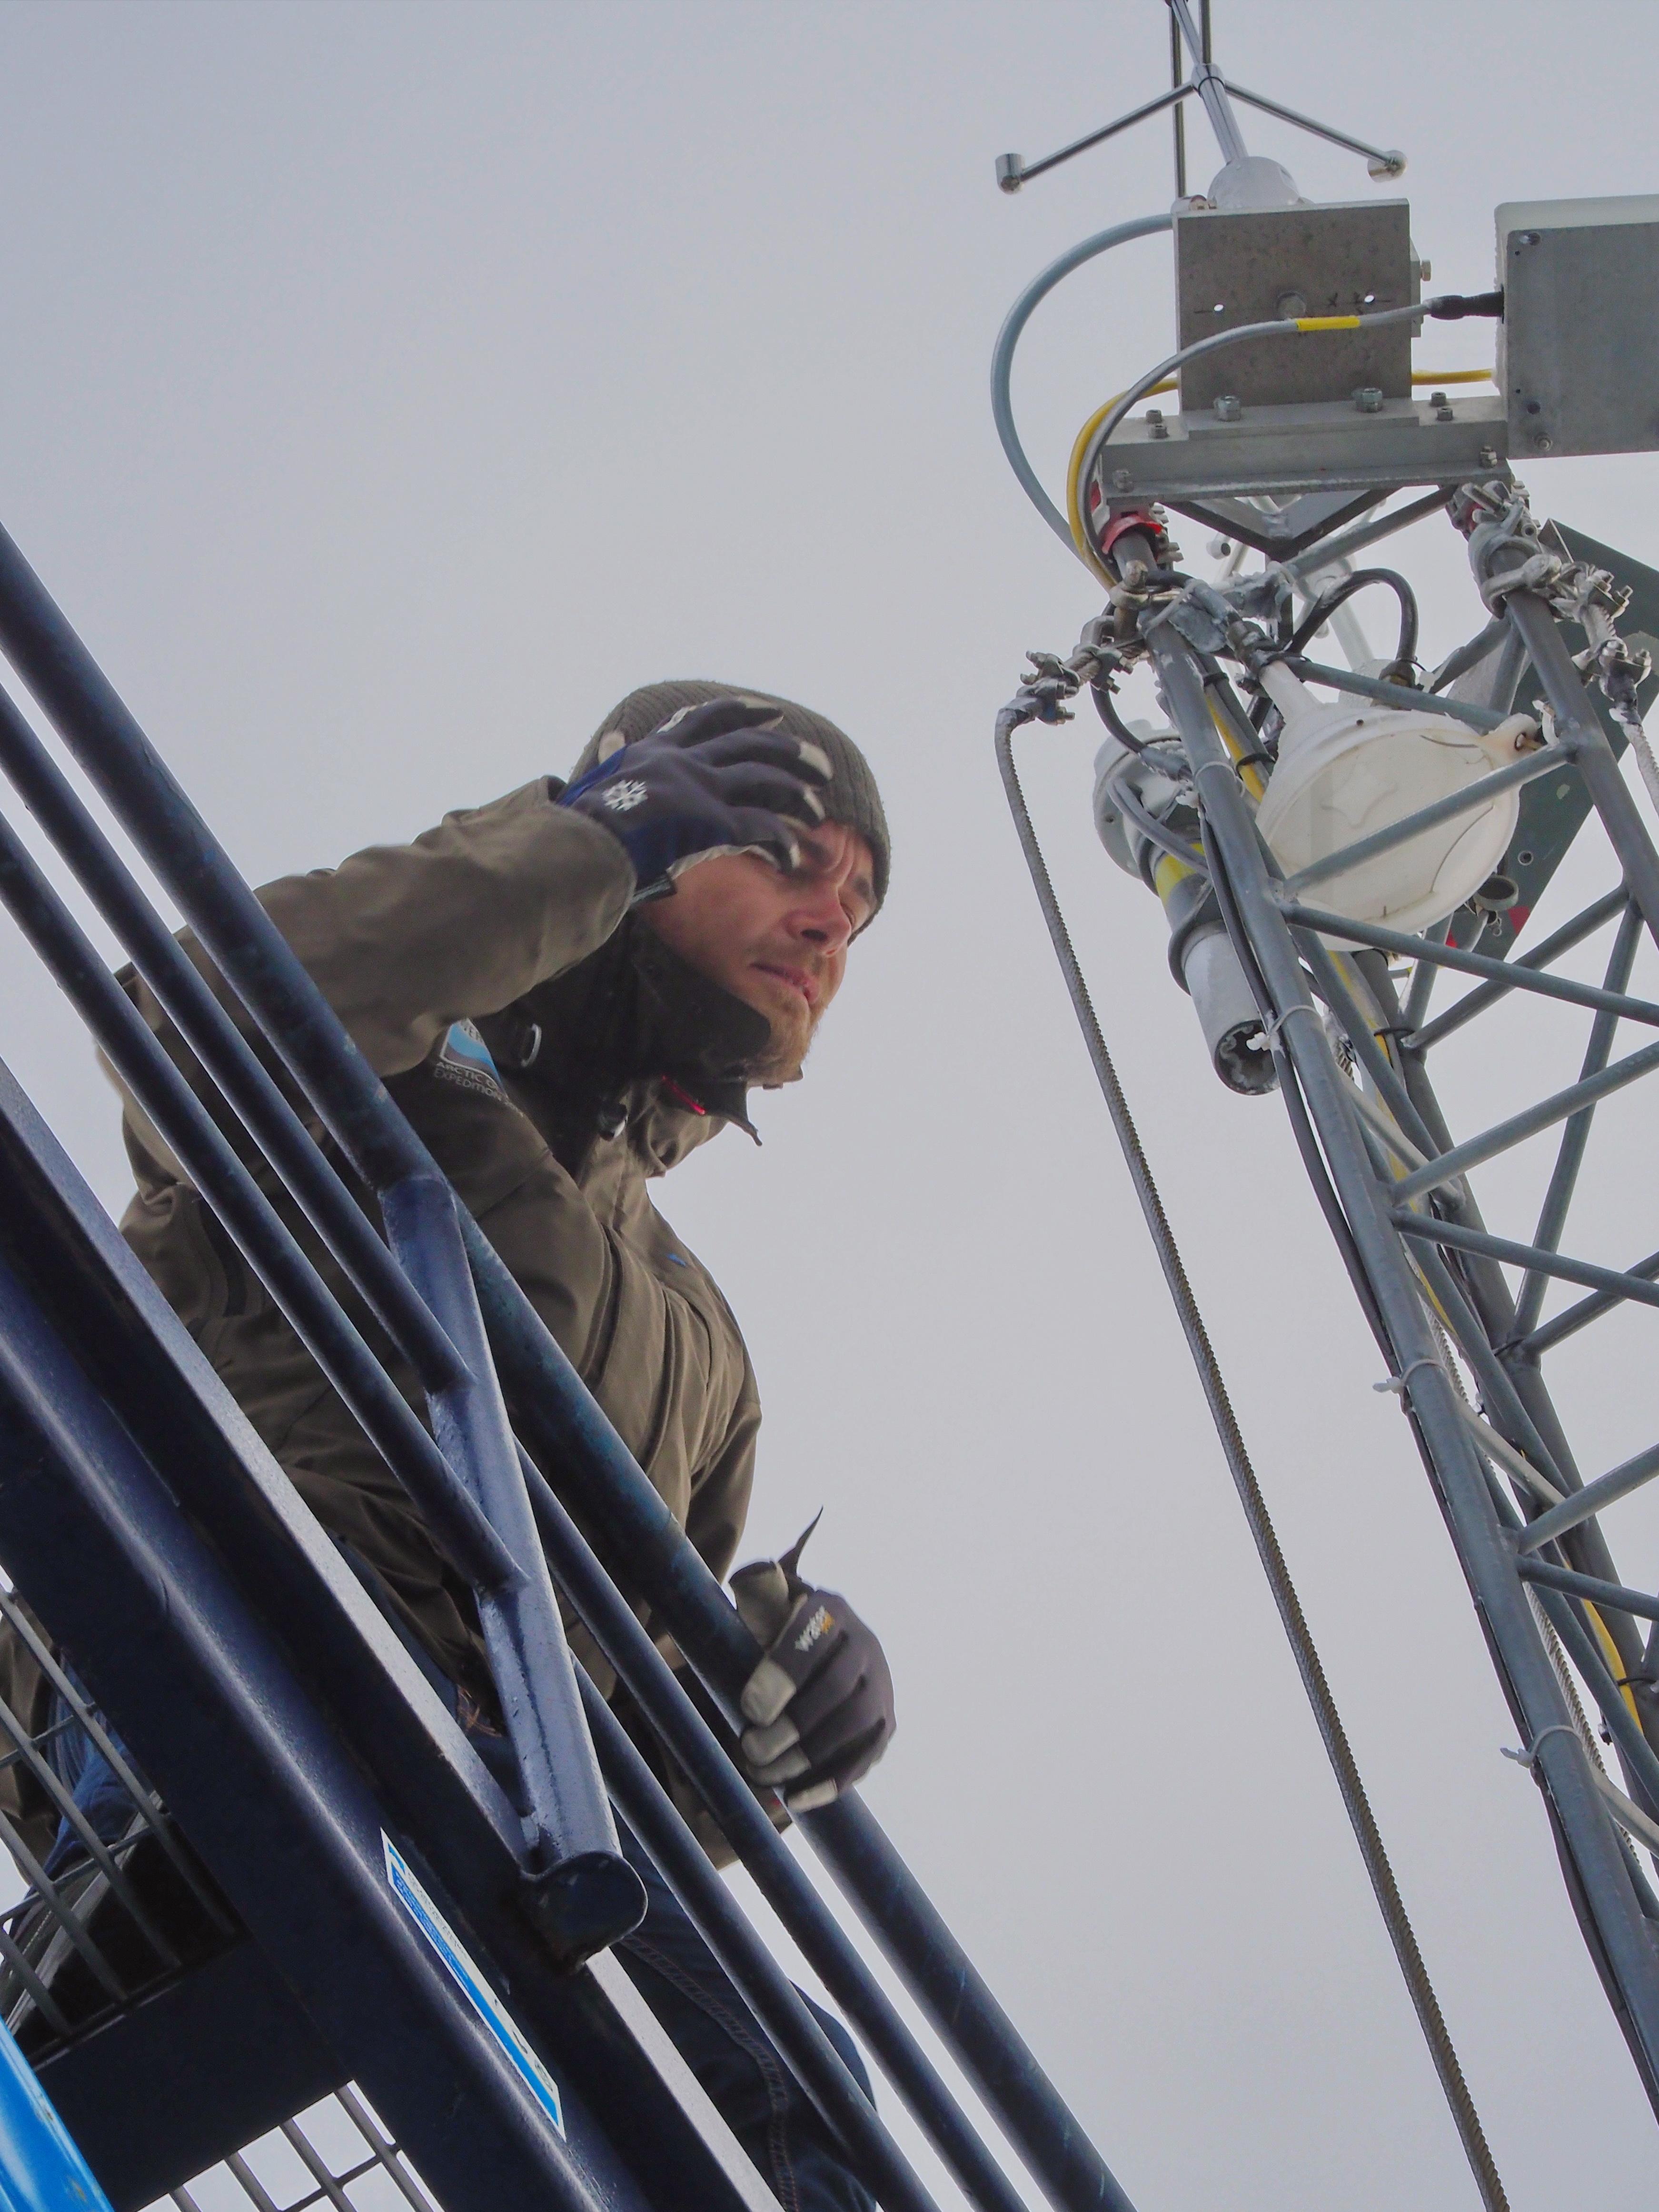 John Prytherch ser till instrumenten genom att använda hissen som monterats bakom masten. Foto: Michael Tjernström